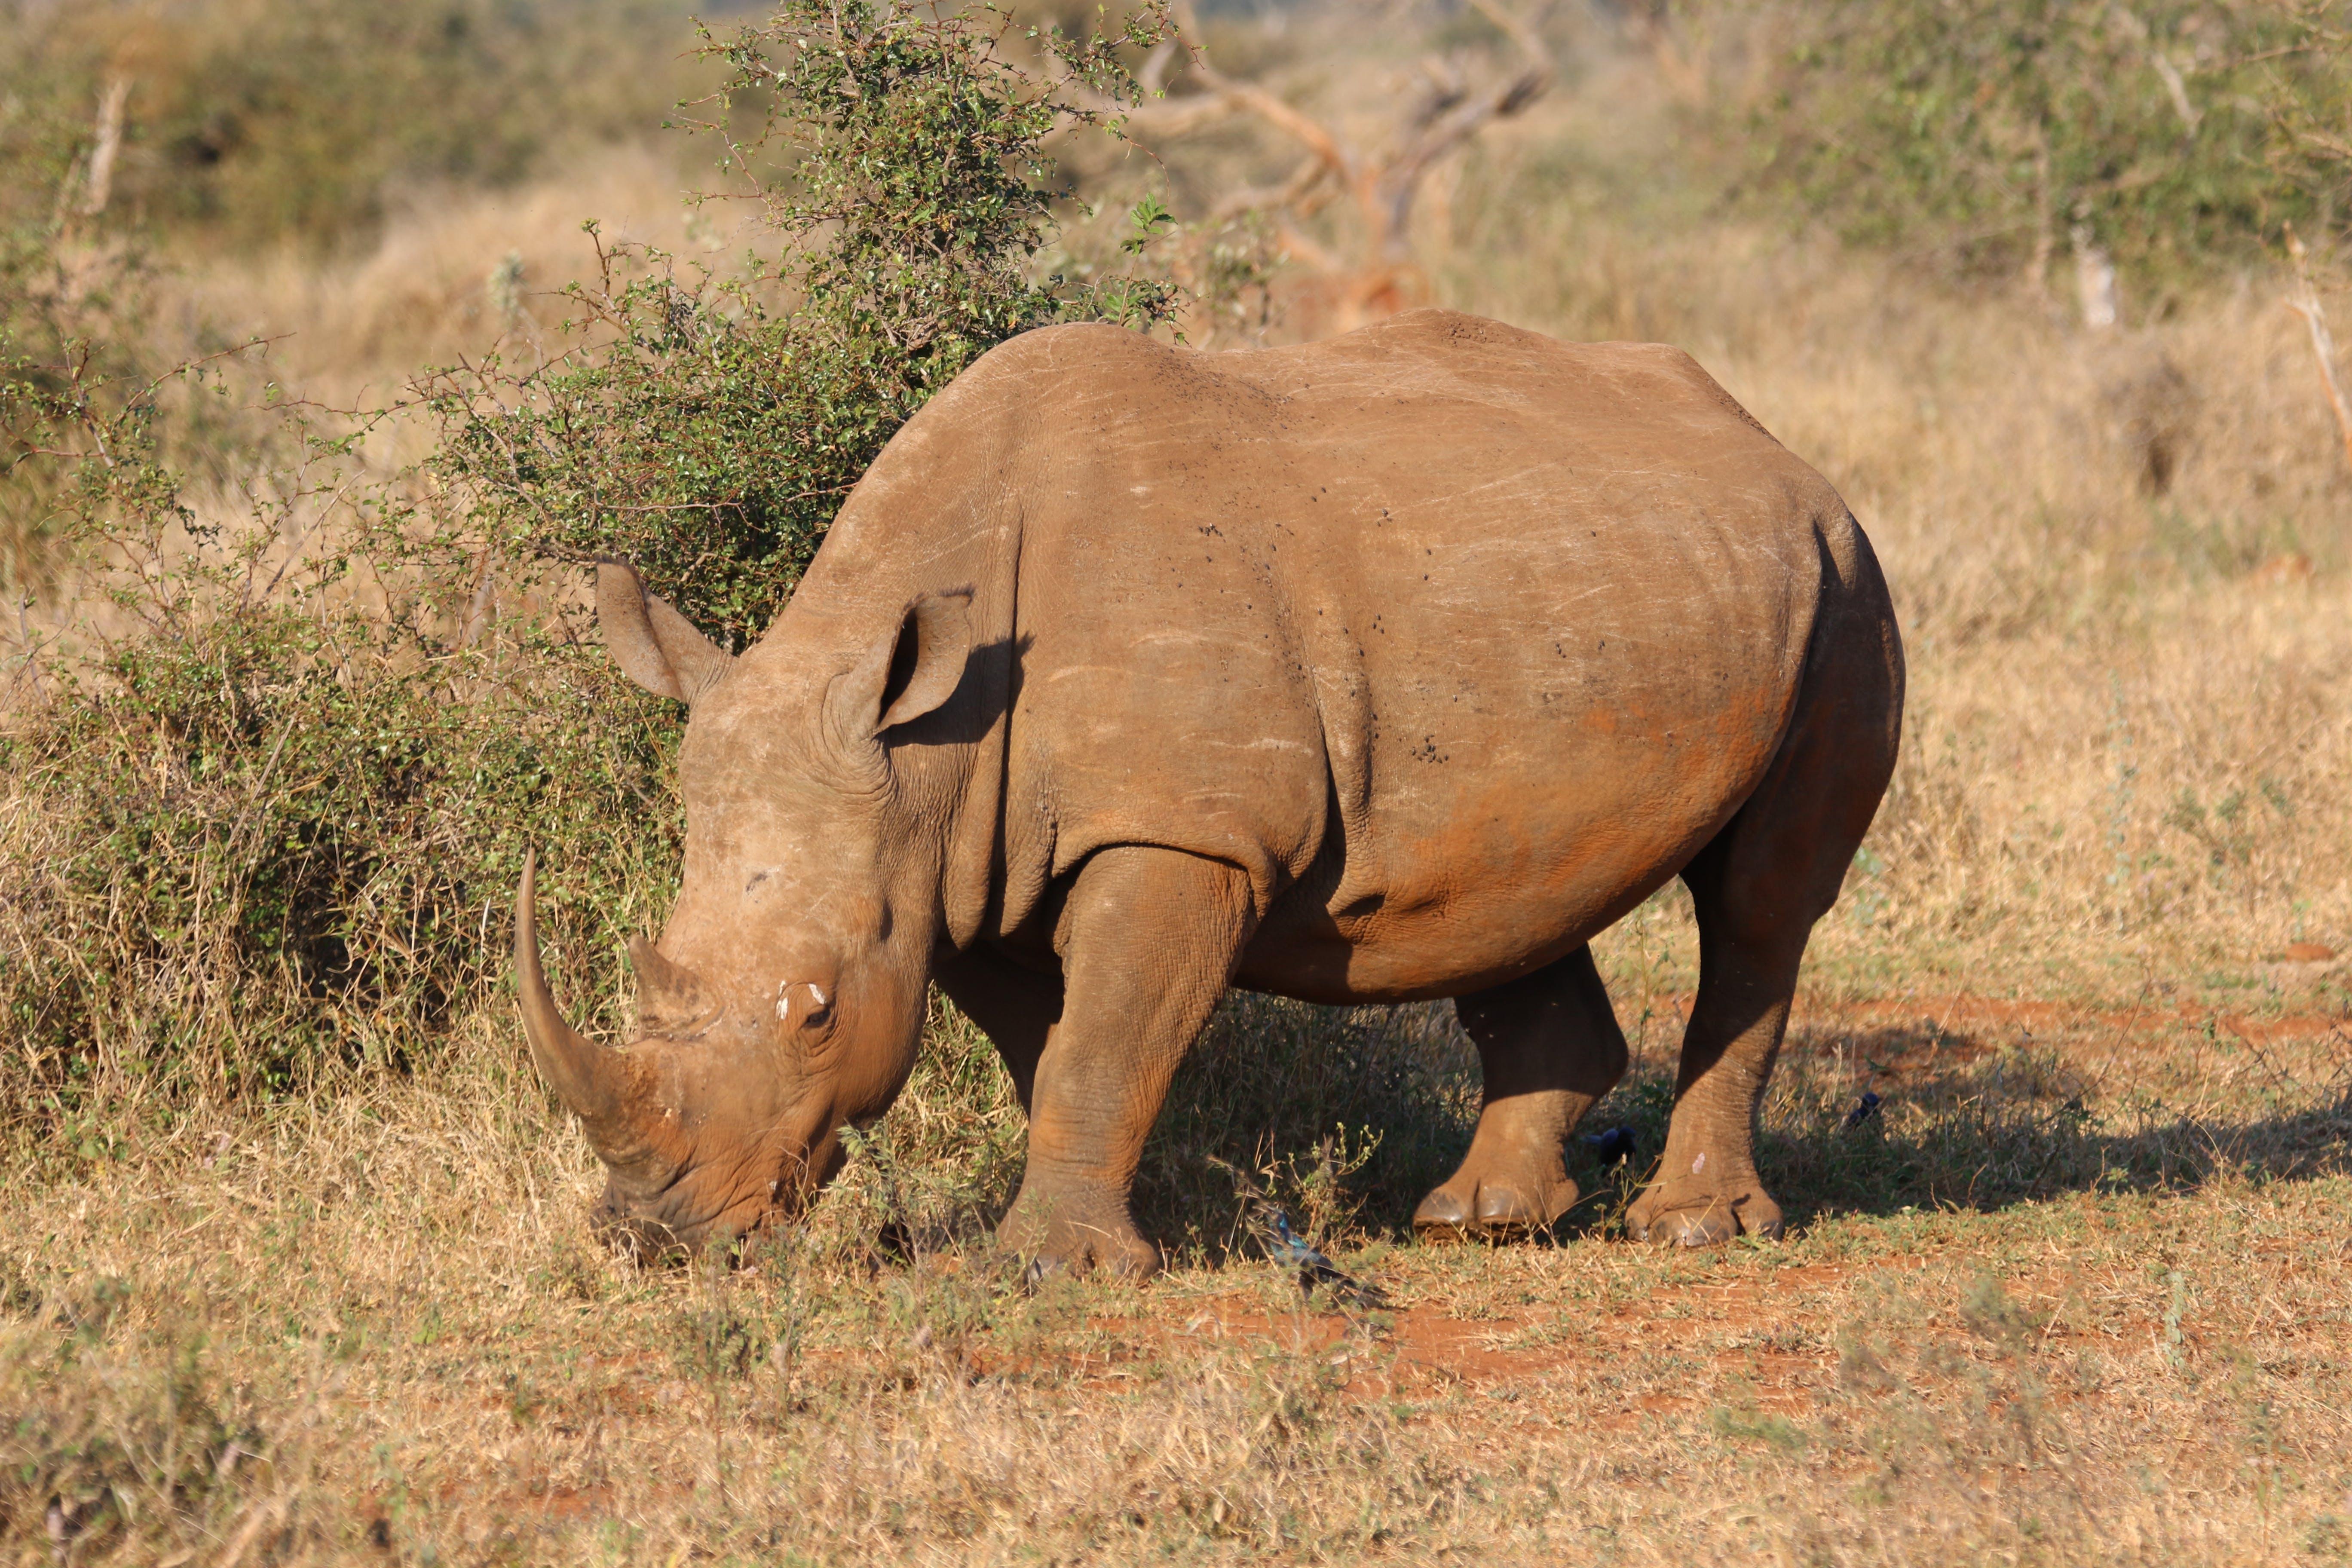 Brown Rhino in Green Open Field